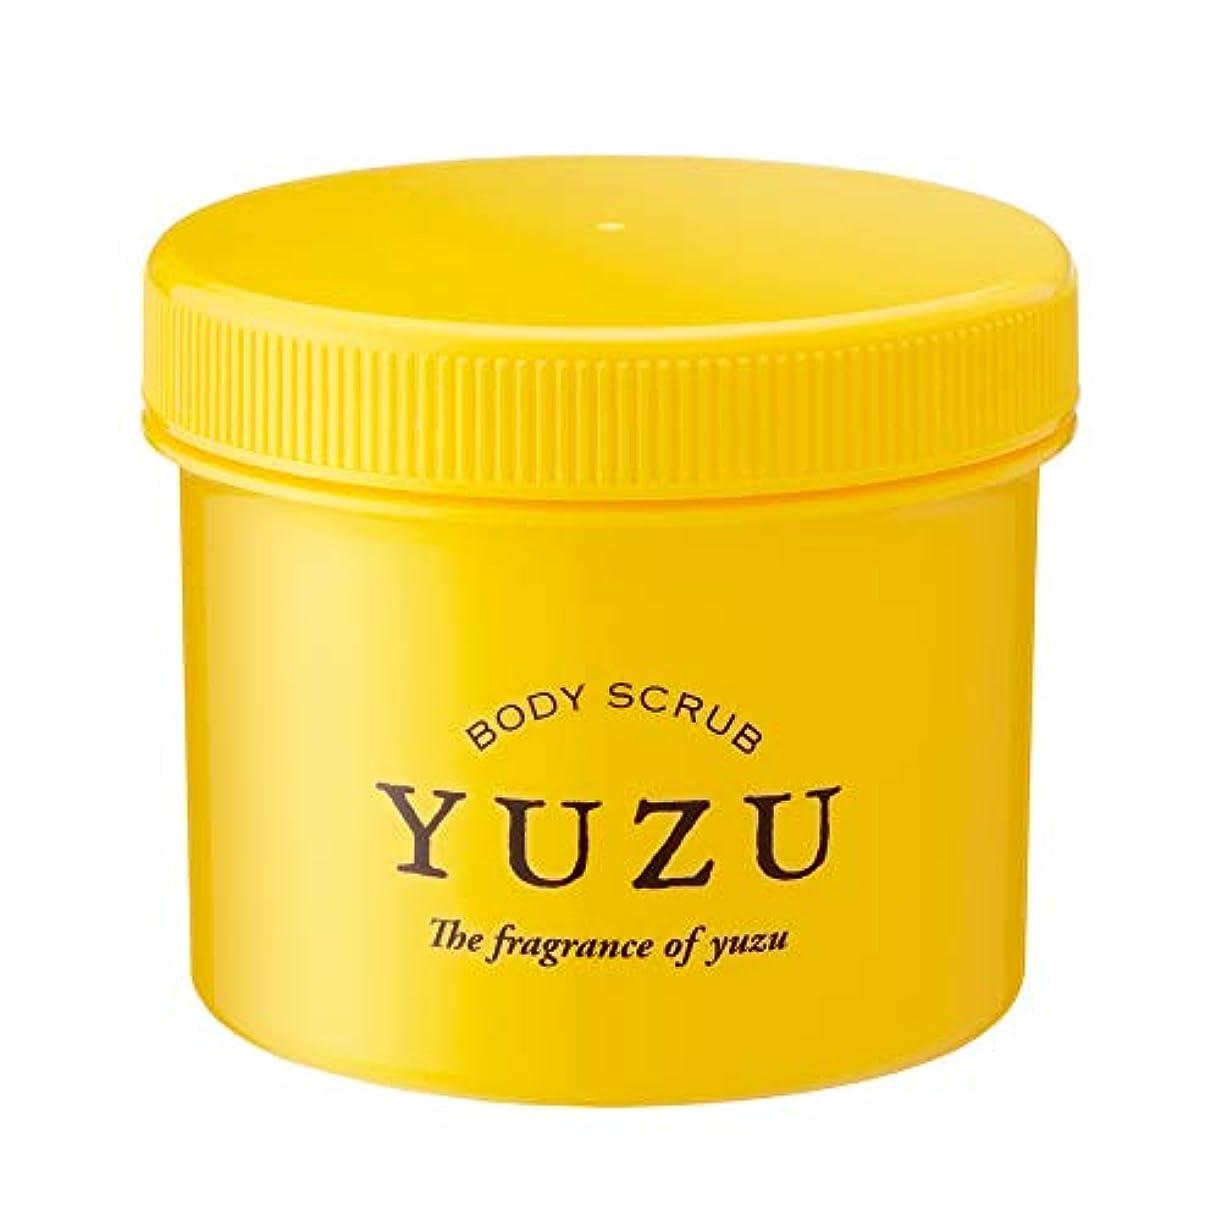 グロー秘書タバコ(美健)ビケン YUZU ボディマッサージスクラブ 高知県ゆず精油のみで香り付け